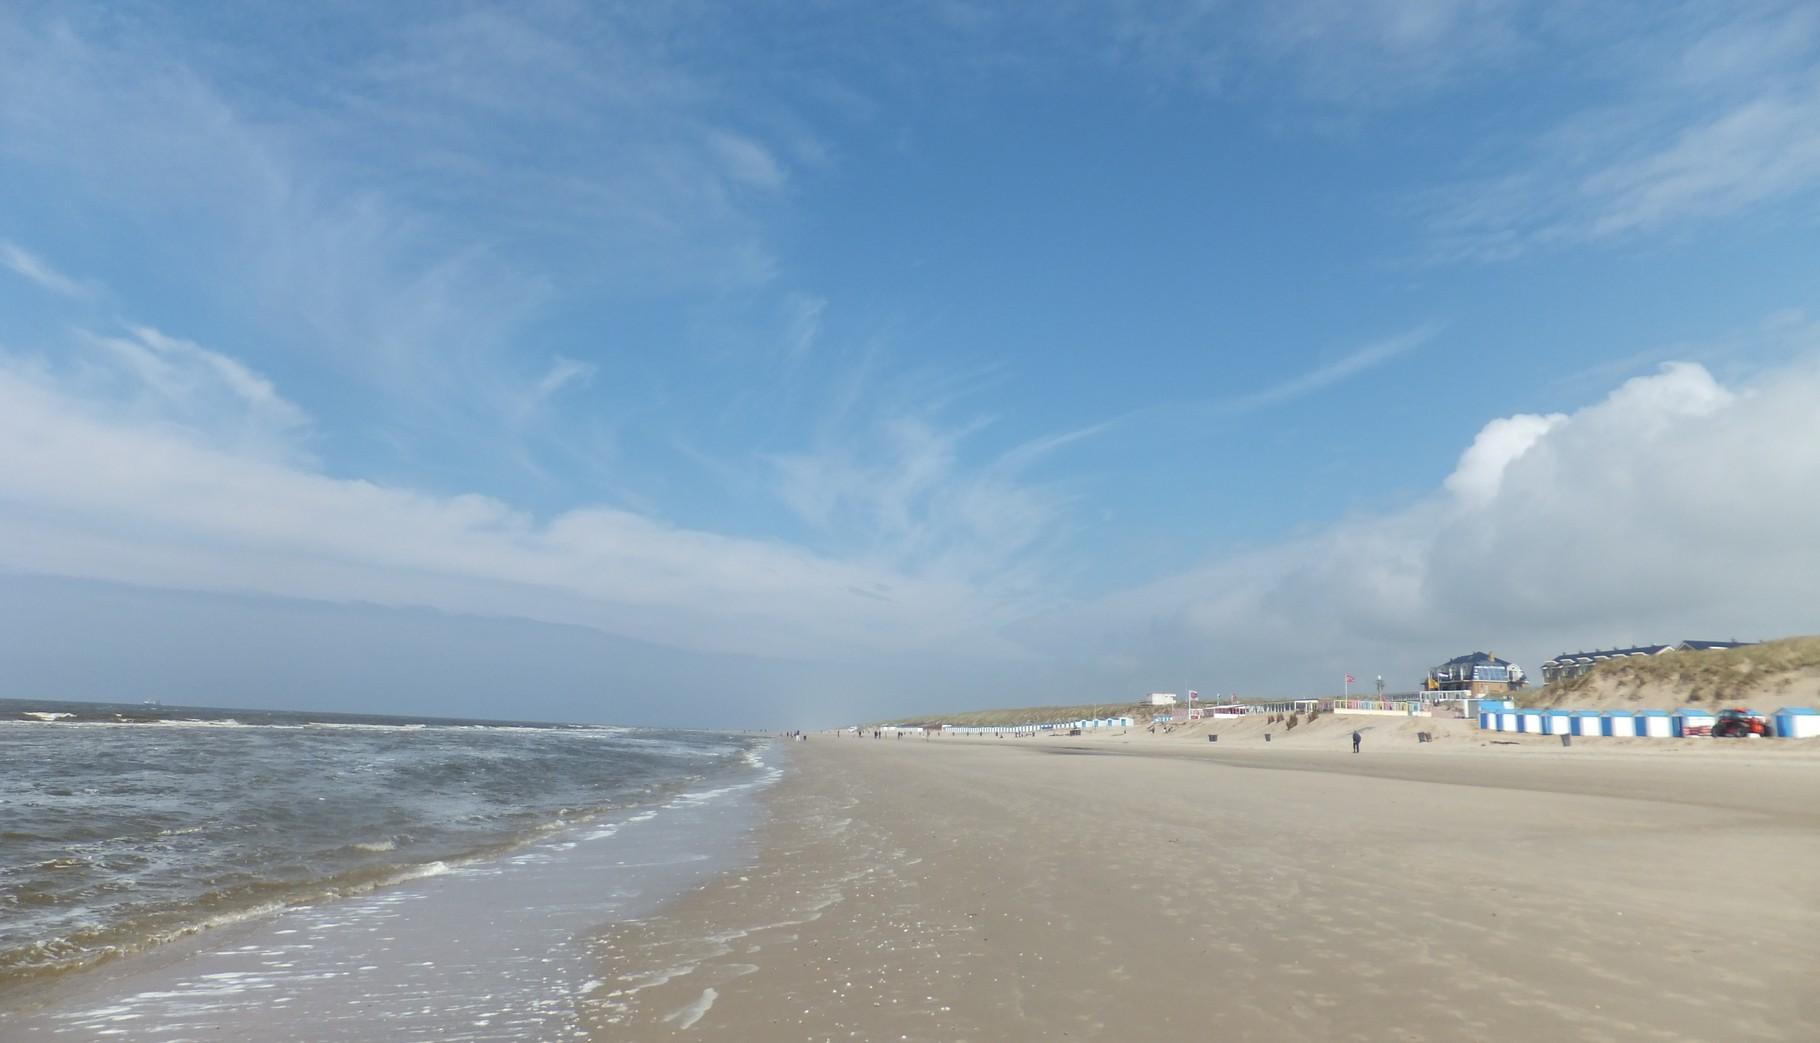 stranddekoog-vandebunt-fw-VVVTexel